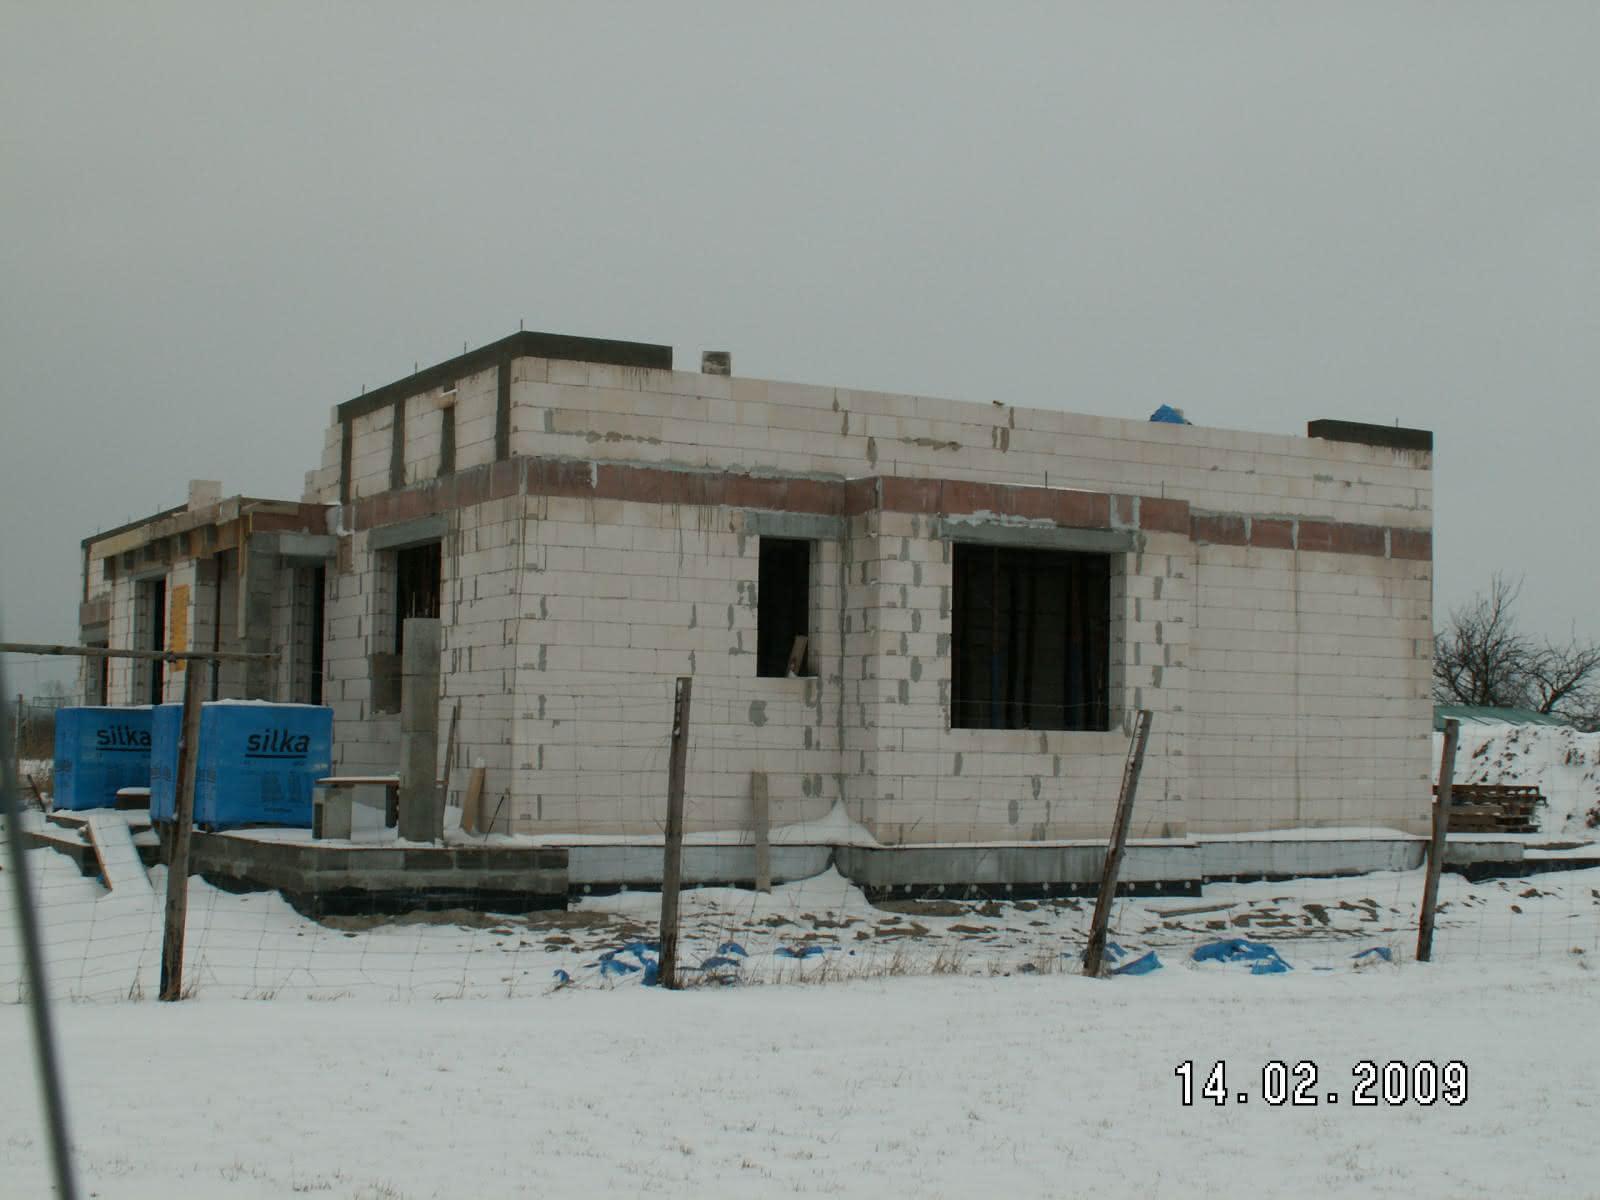 Mury - Małgosia z garażem / HB Studio